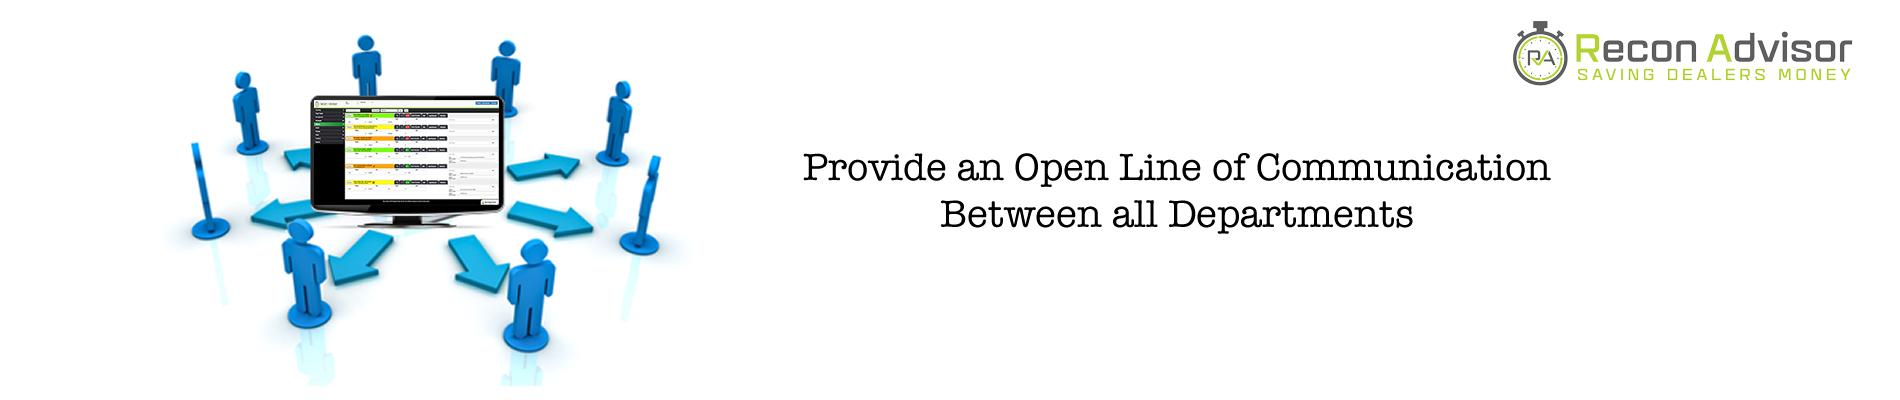 Open lines of communiction between departments